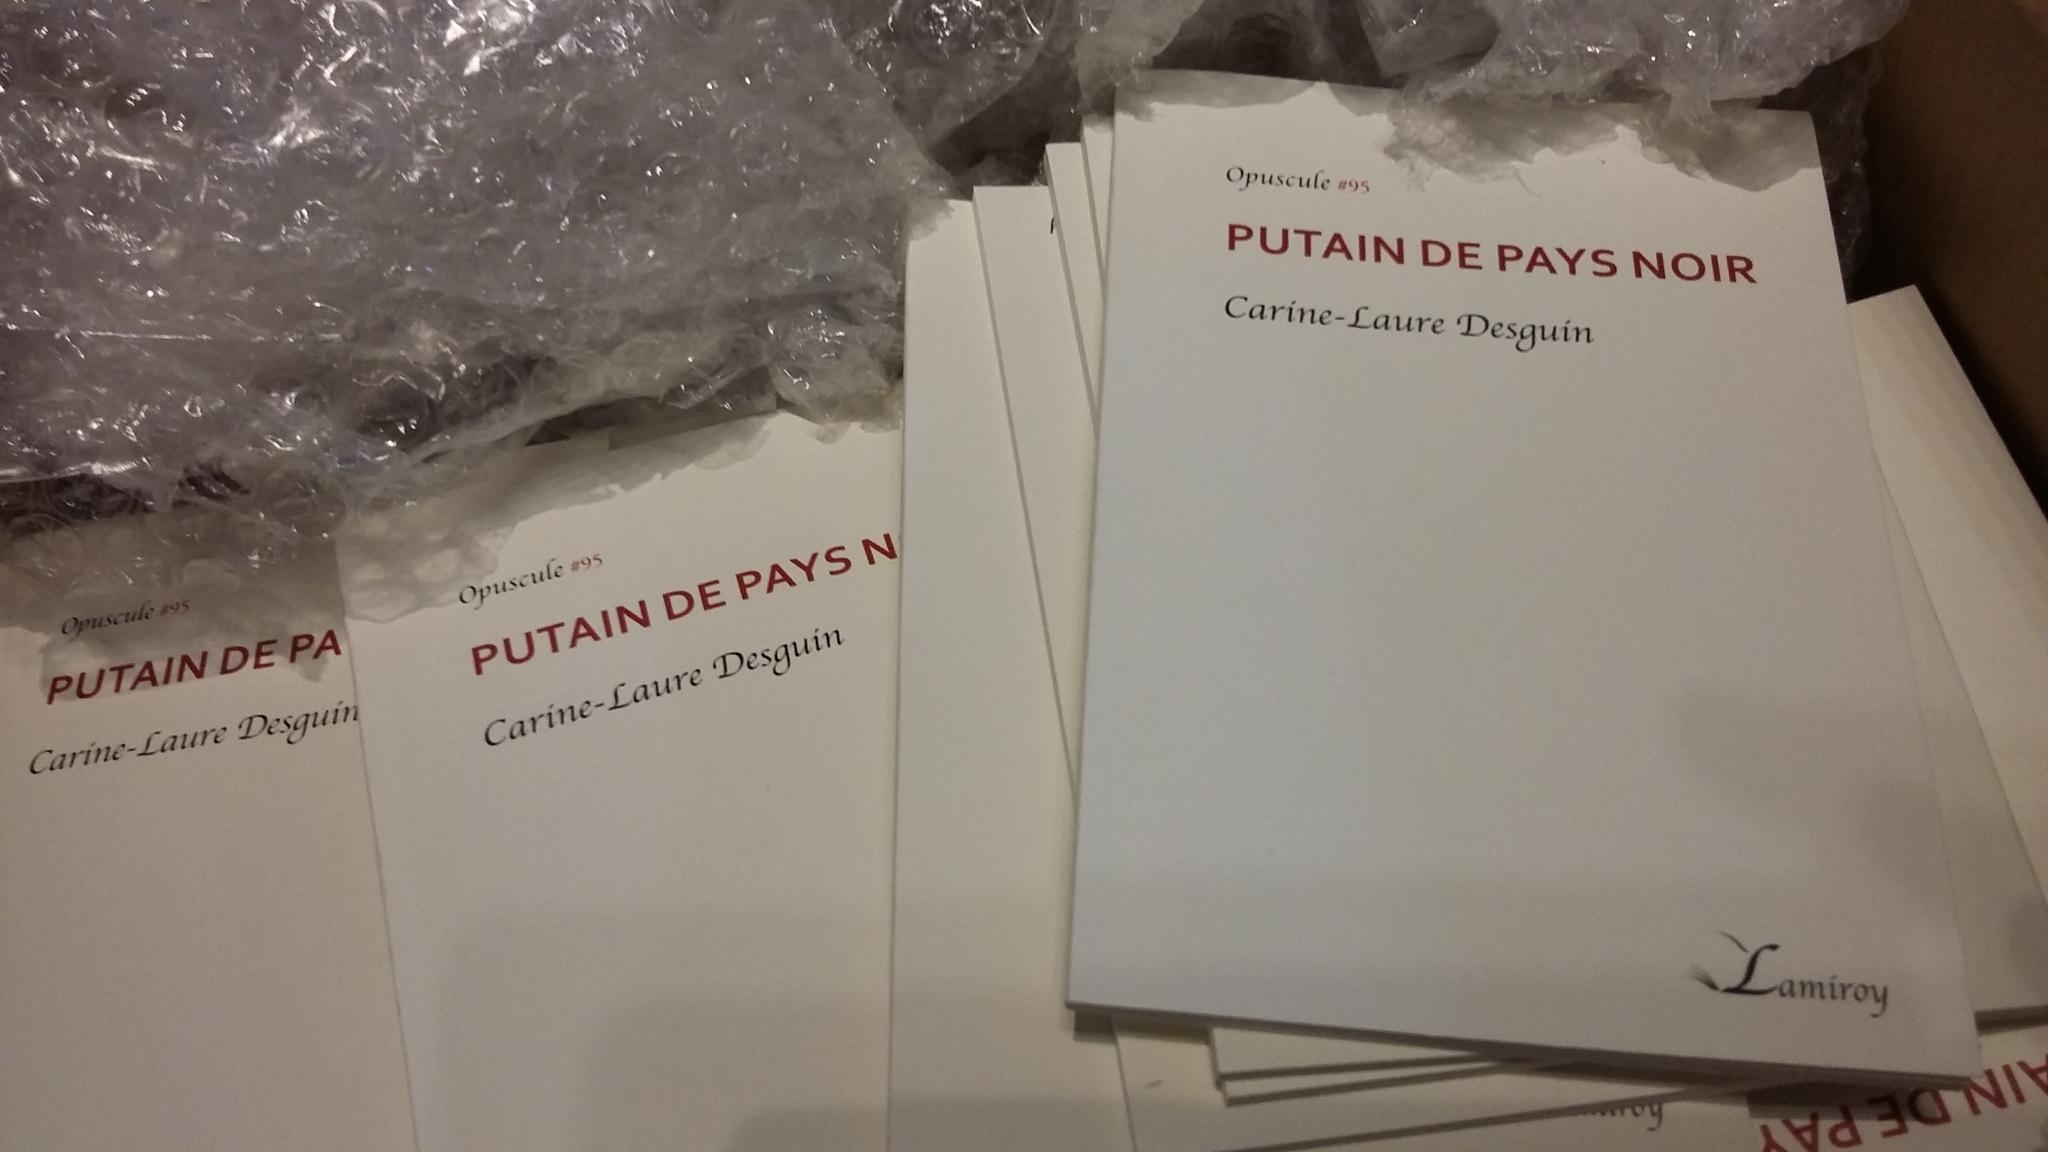 PUTAIN DE PAYS NOIR (EDITIONS LAMIROY), balade littéraire organisée par Guy Delhasse